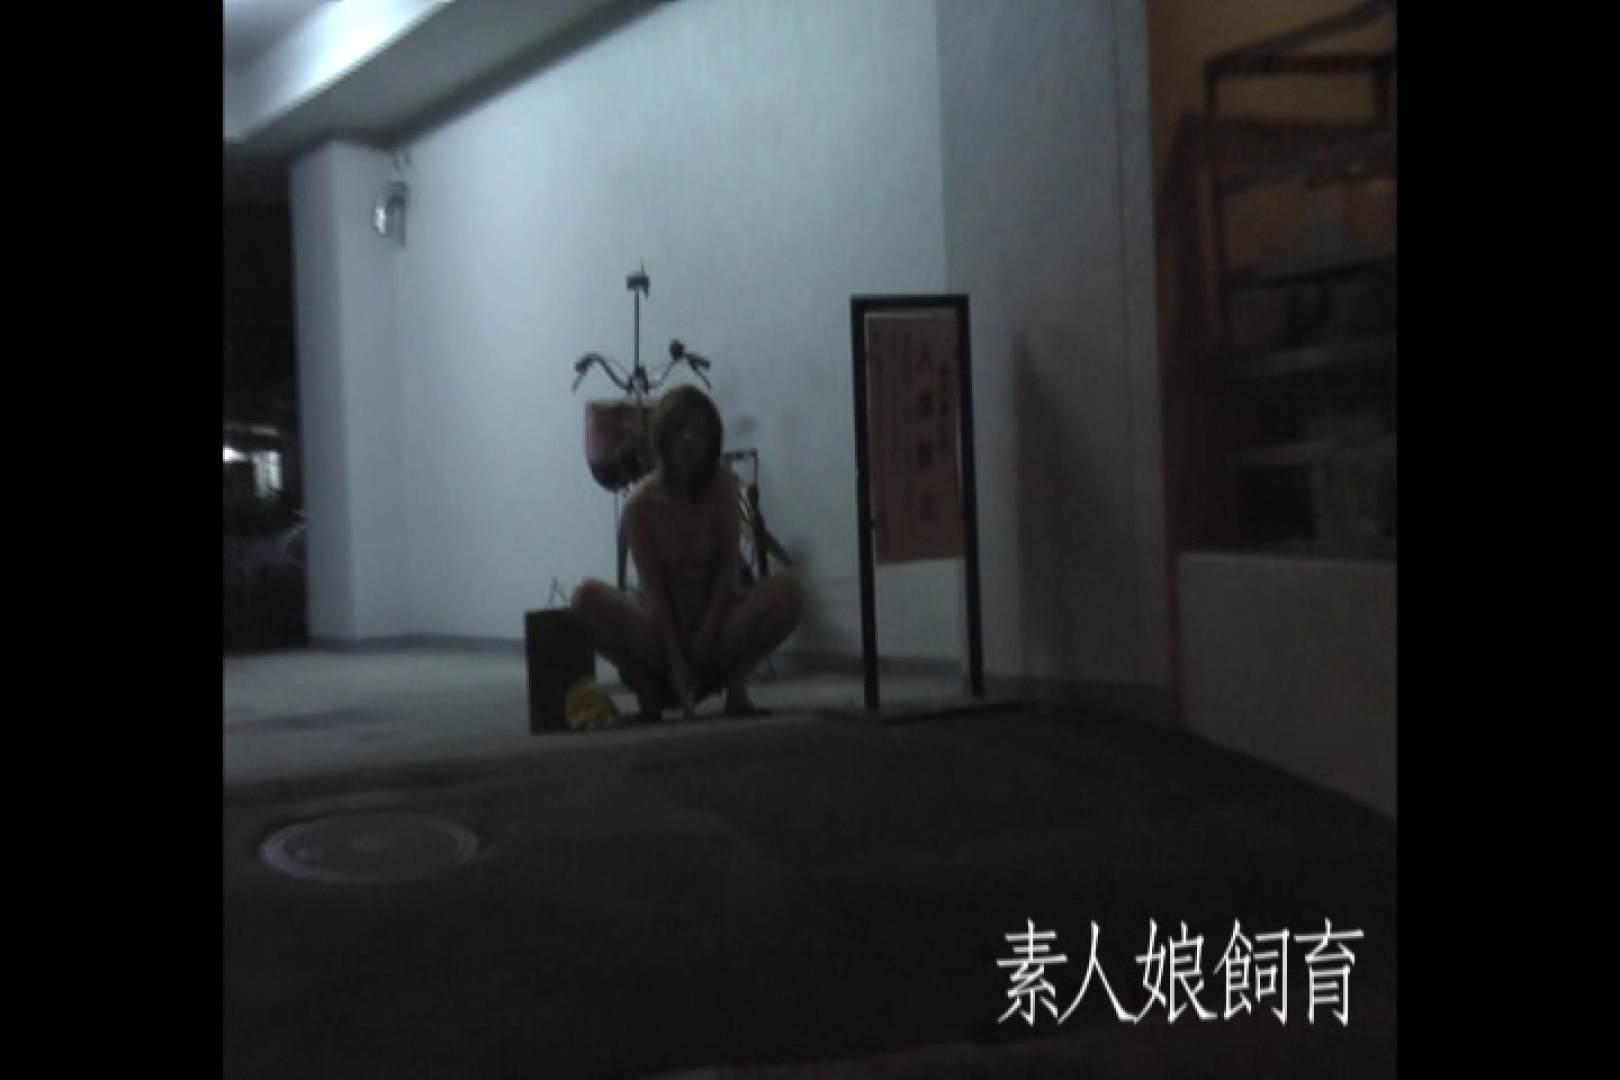 アダルトエロ動画|素人嬢飼育~お前の餌は他人棒~8月1日露出撮影貸出|大奥